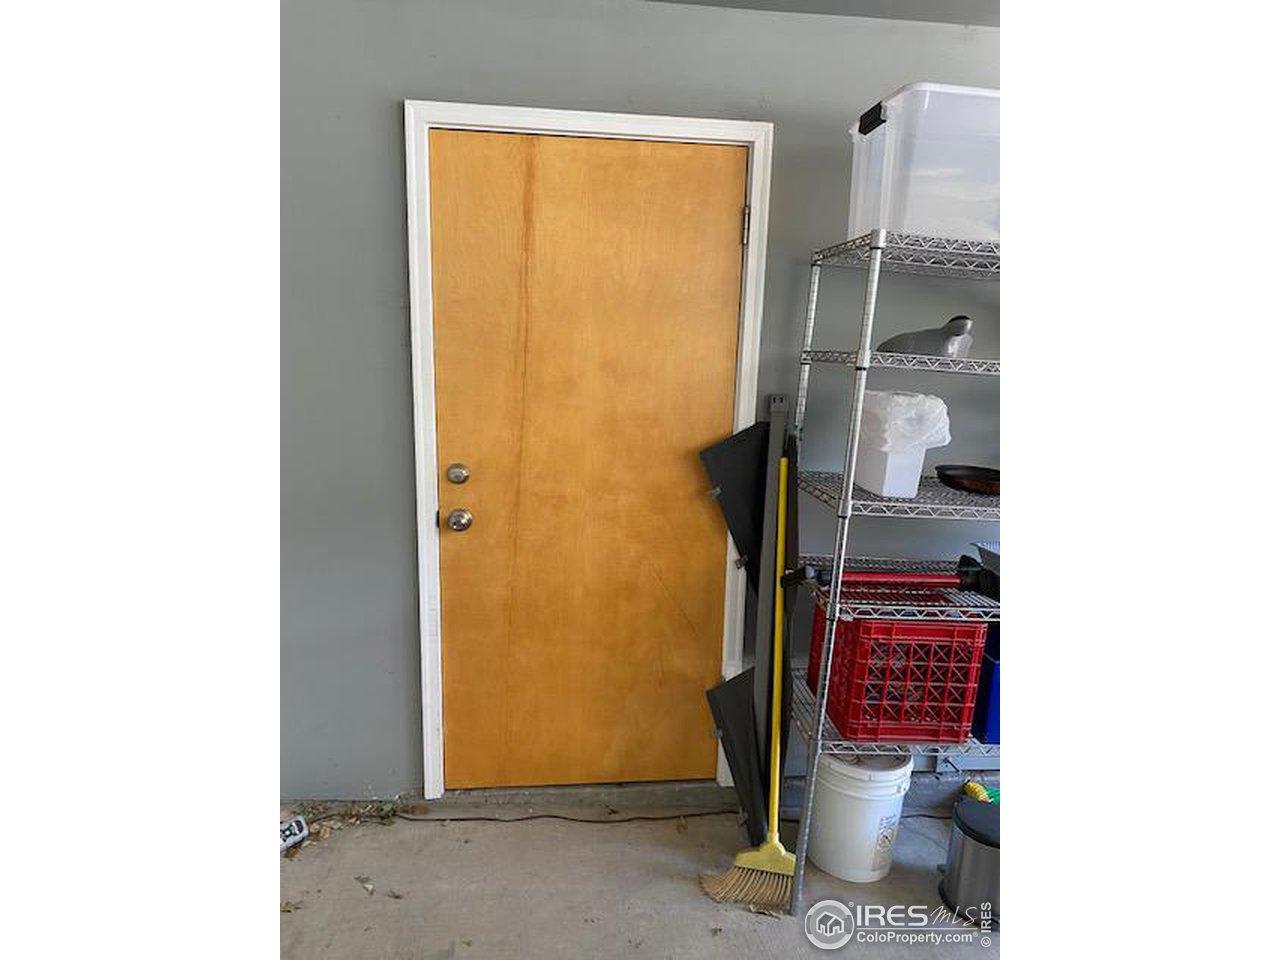 Storage Closet in Carport